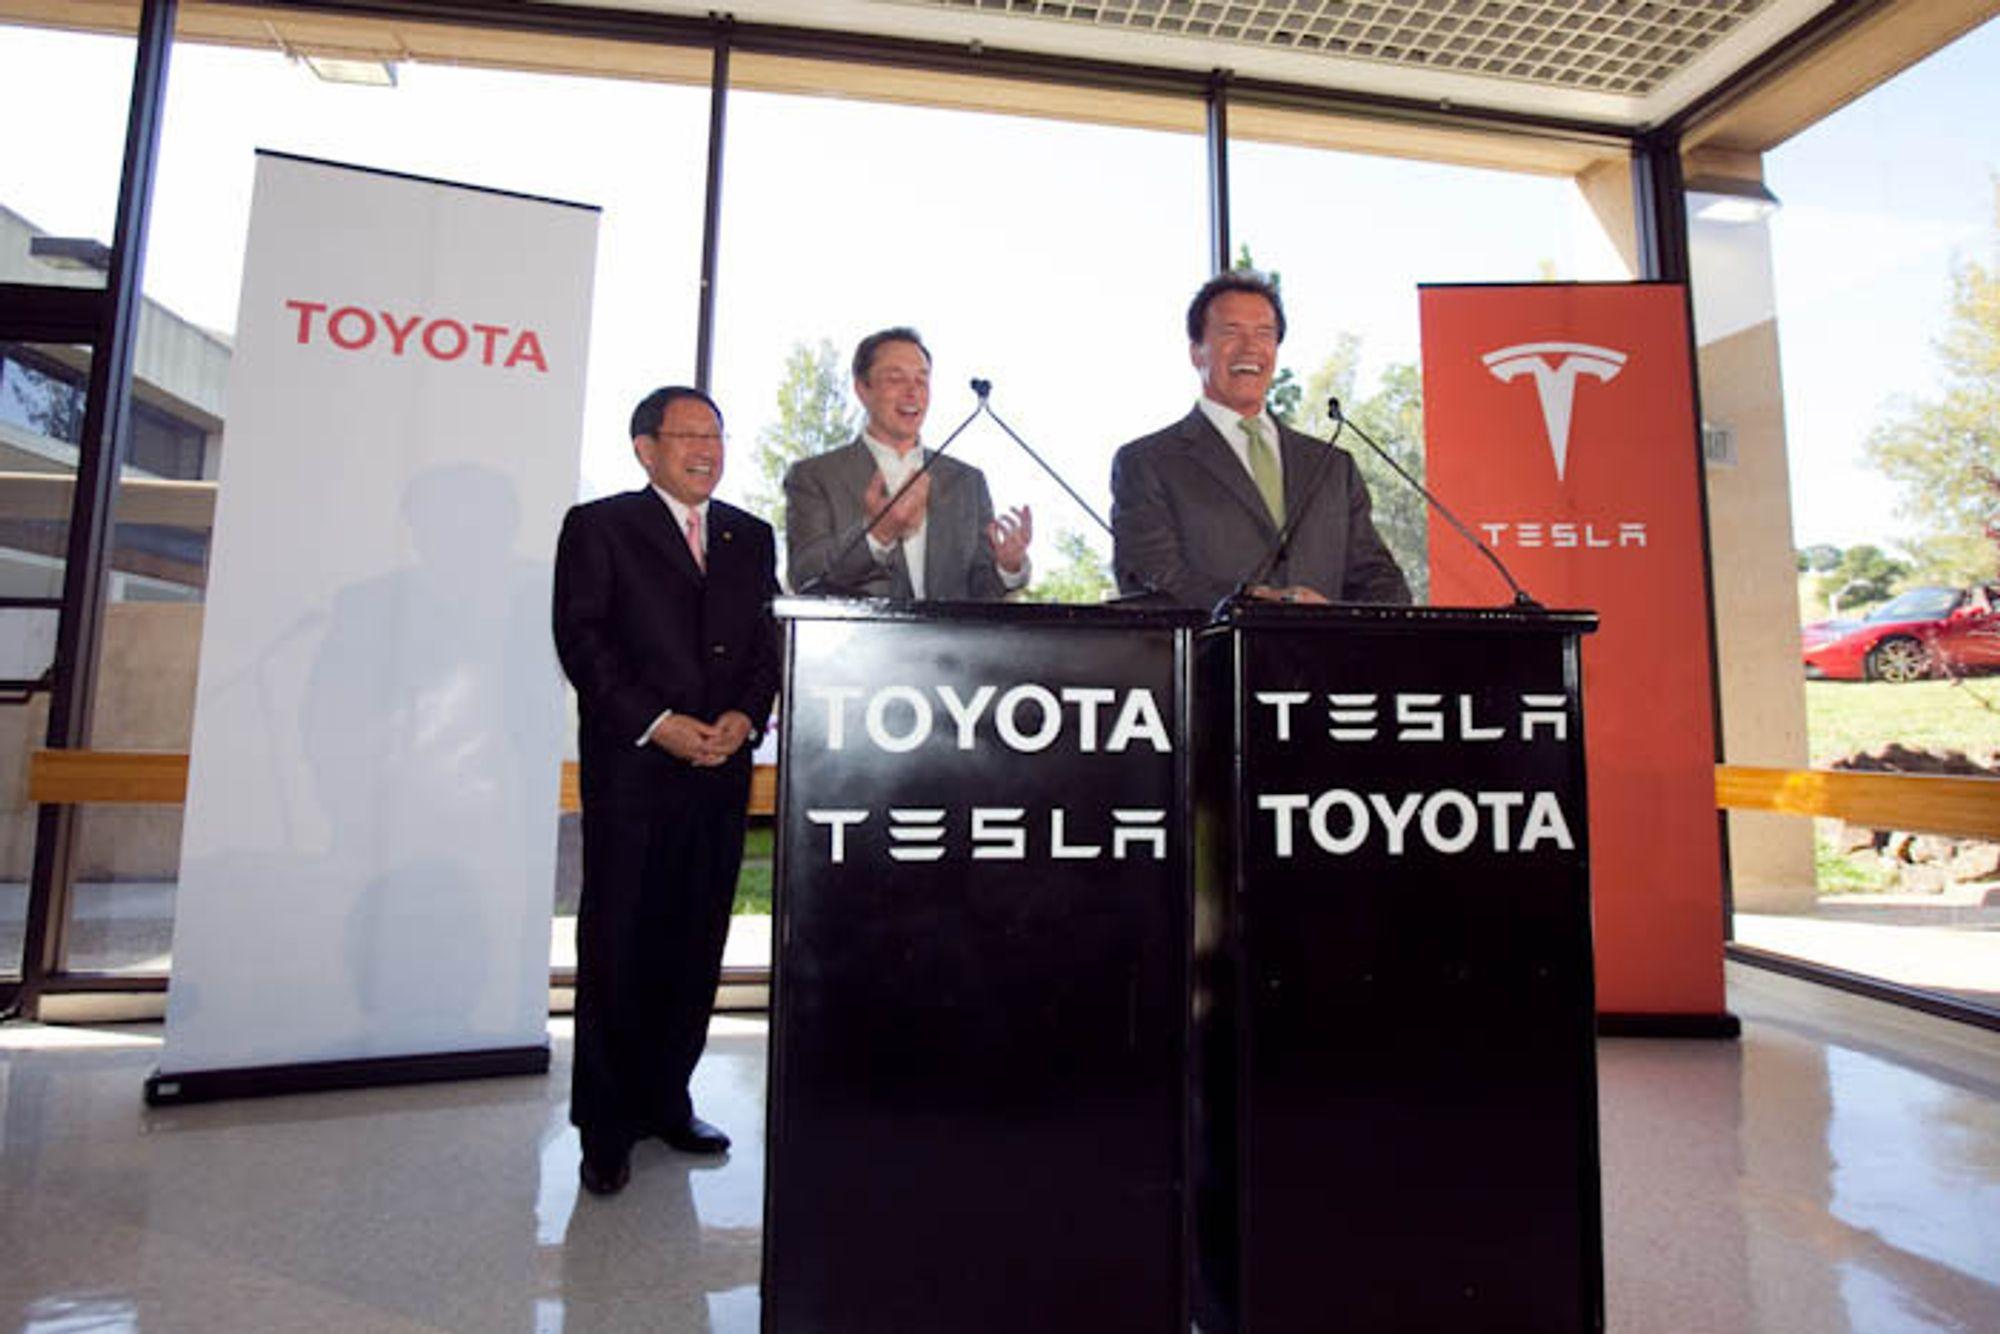 Toyota-sjef Akio Toyoda, Tesla-sjef Elon Musk og californiaguvernør Arnold Schwarzenegger presenterte det nye elbilsamarbeidet på en pressekonferanse torsdag.